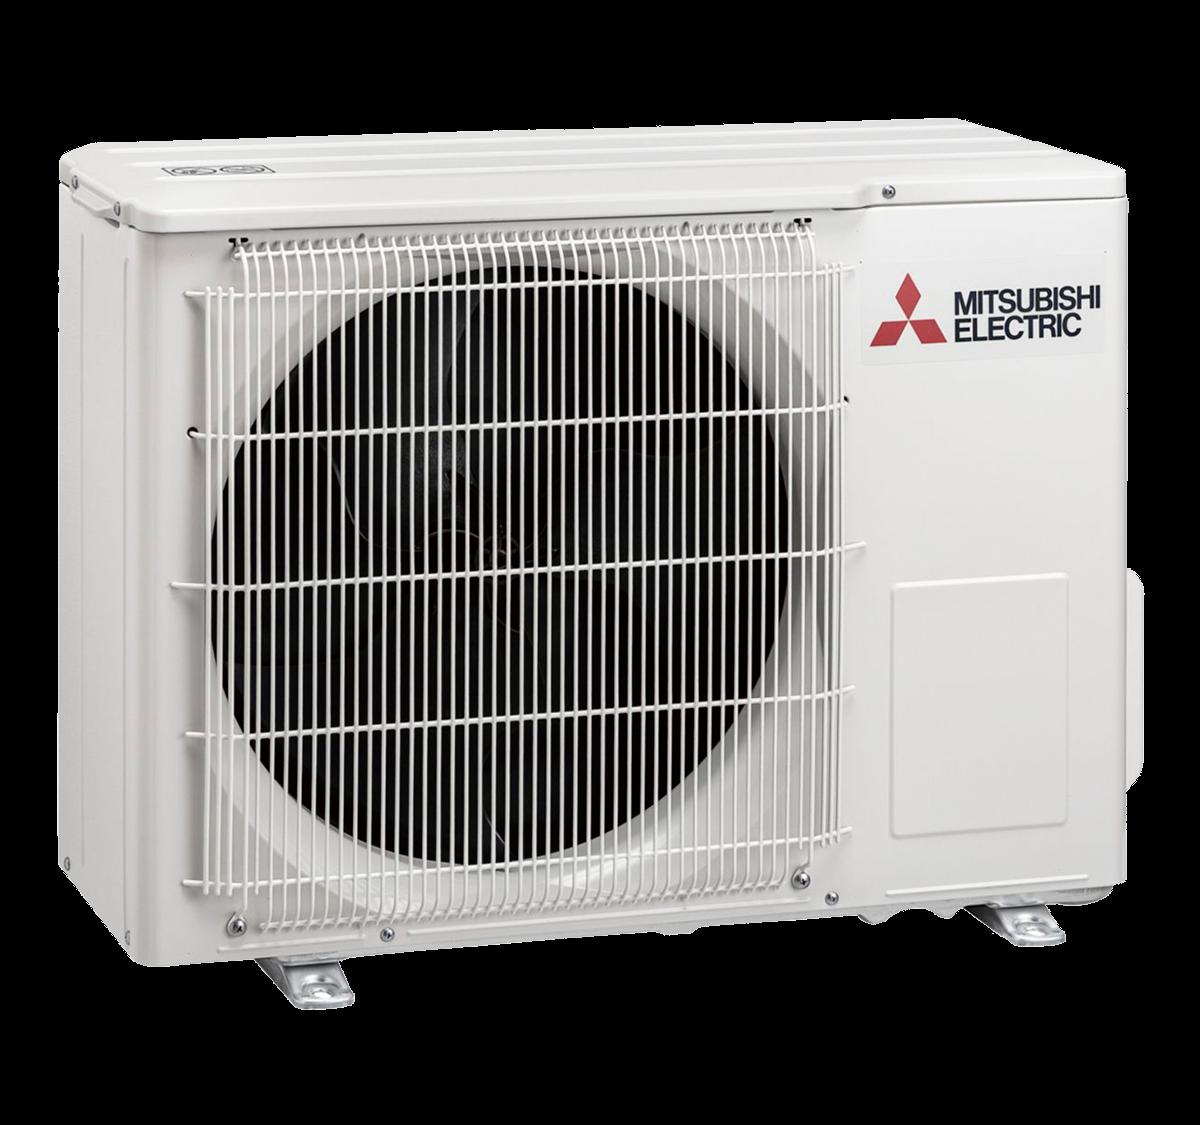 aire acondicionado unidad exterior mitsubishi electric inverter muz ap25vg serie msz ap modelo msz ap25vg precio incluido en la instalacion caseragua